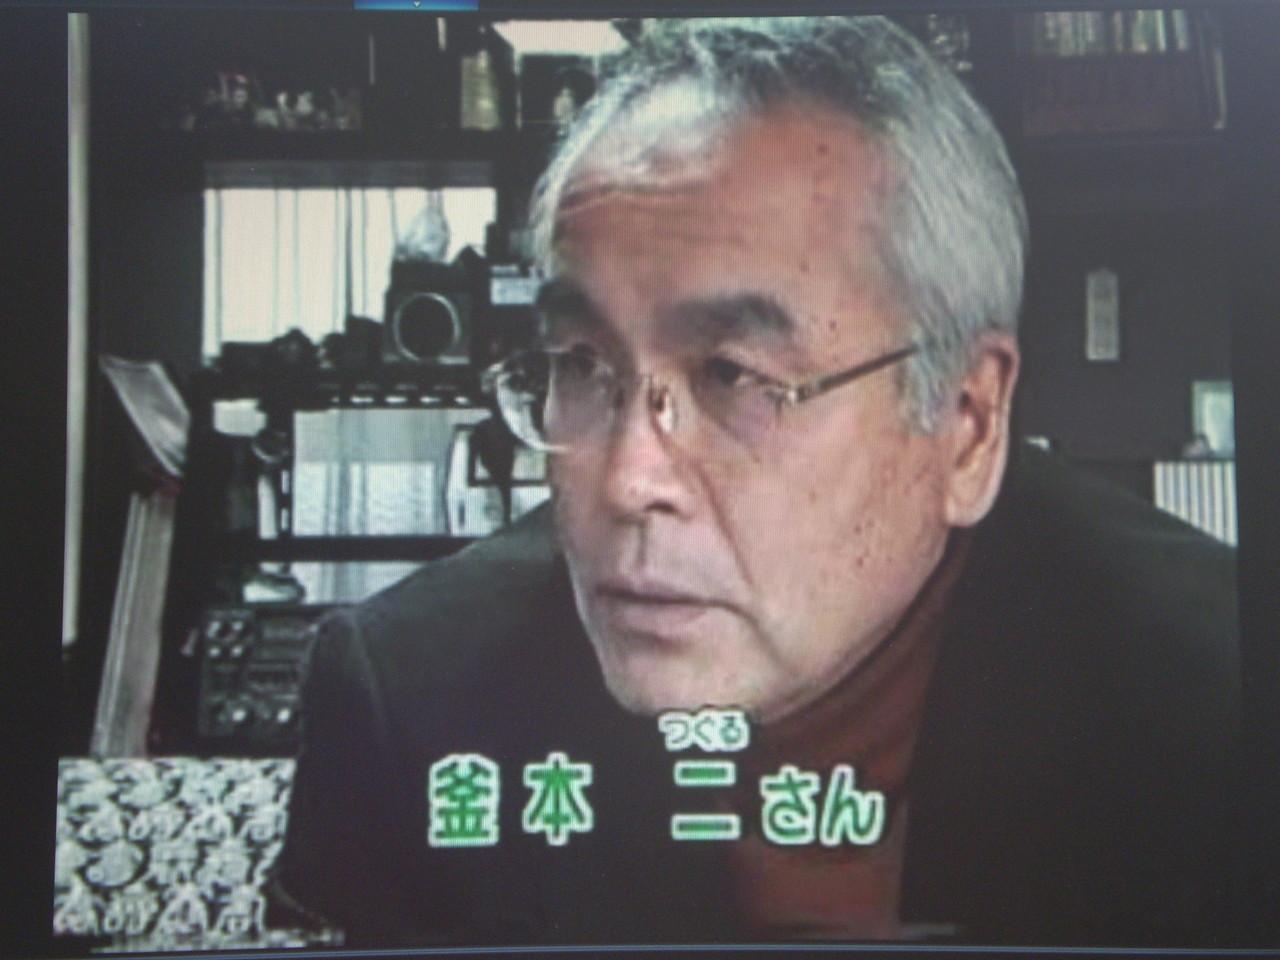 200701.10 NHK広島 お好みワイドひろしま 団塊世代